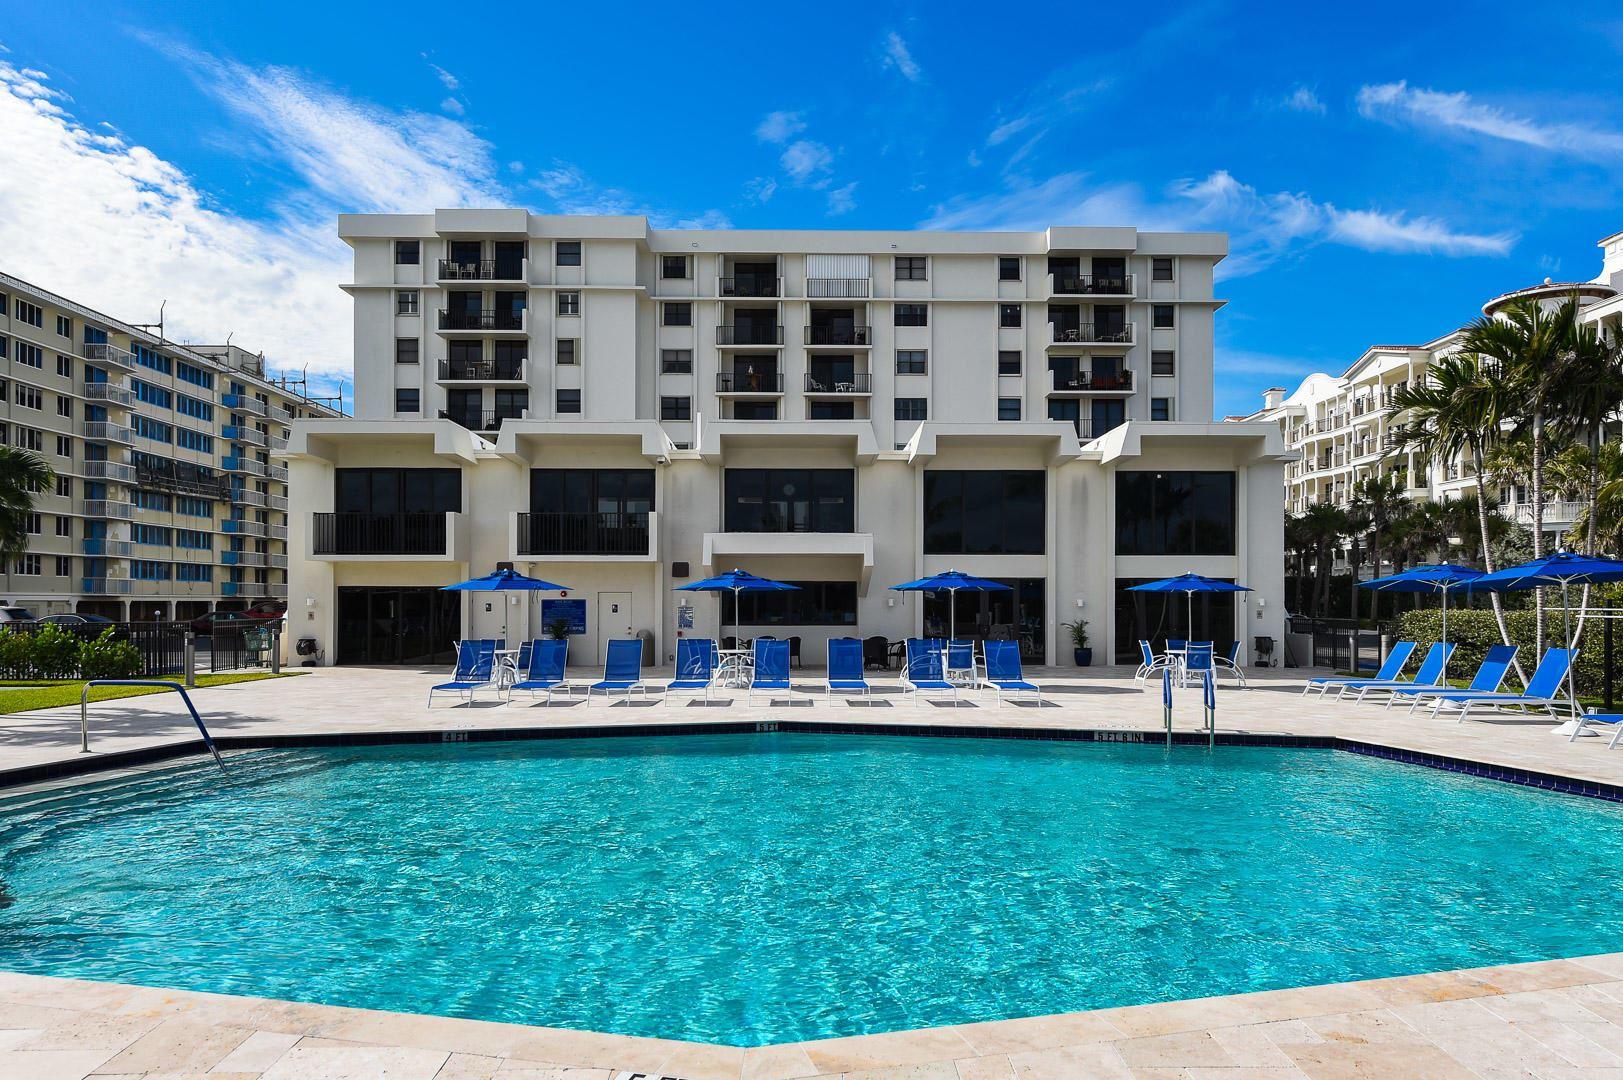 Photo of 145 Ocean Avenue #303, Palm Beach Shores, FL 33404 (MLS # RX-10697946)